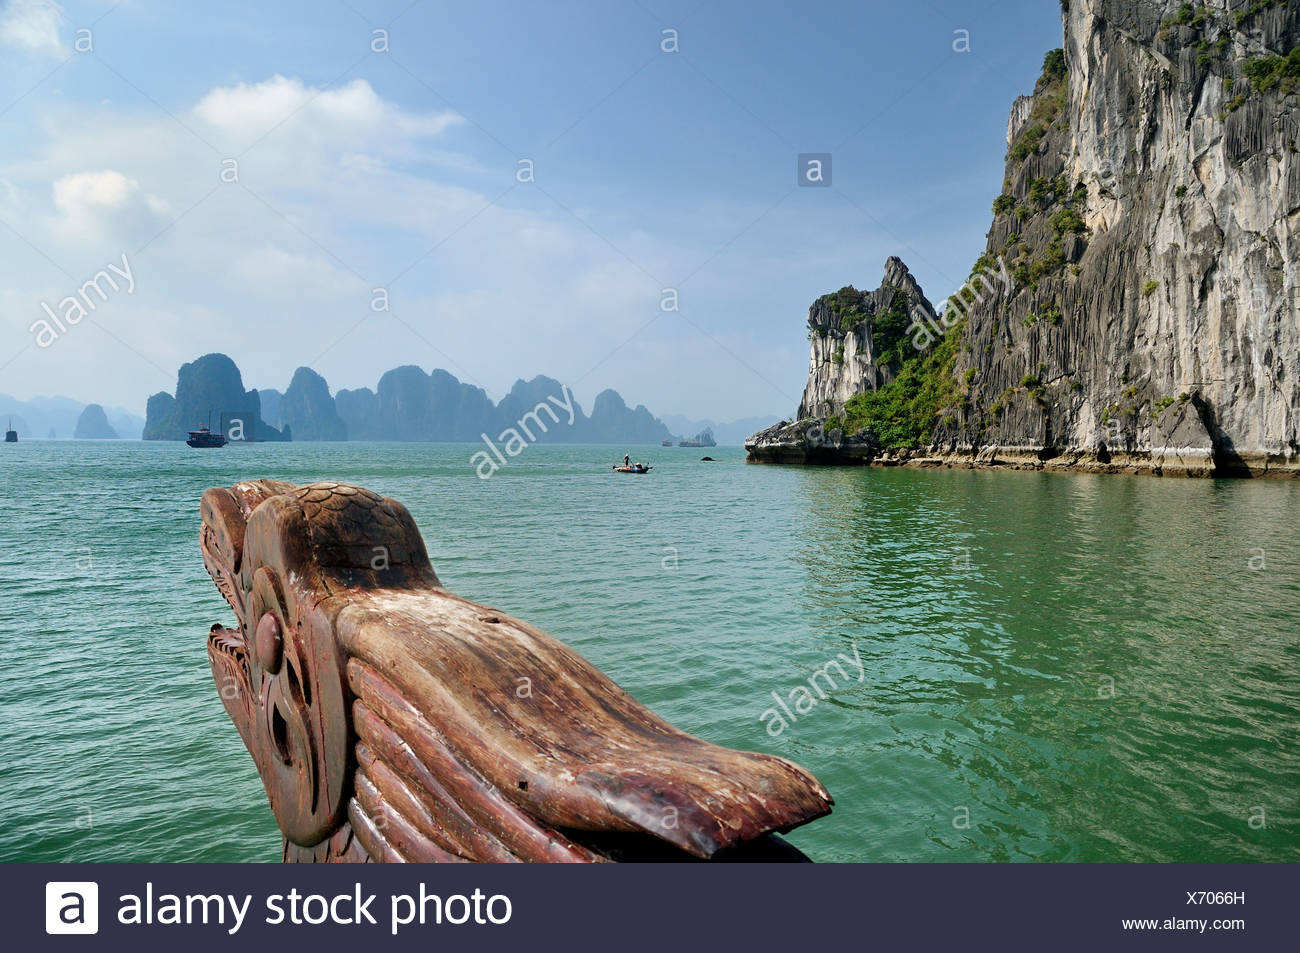 La sculpture sur bois, tête de dragon à la proue sur une jonque Halong Bay, à l'arrière du cône de karst, au Vietnam, en Asie du sud-est Photo Stock